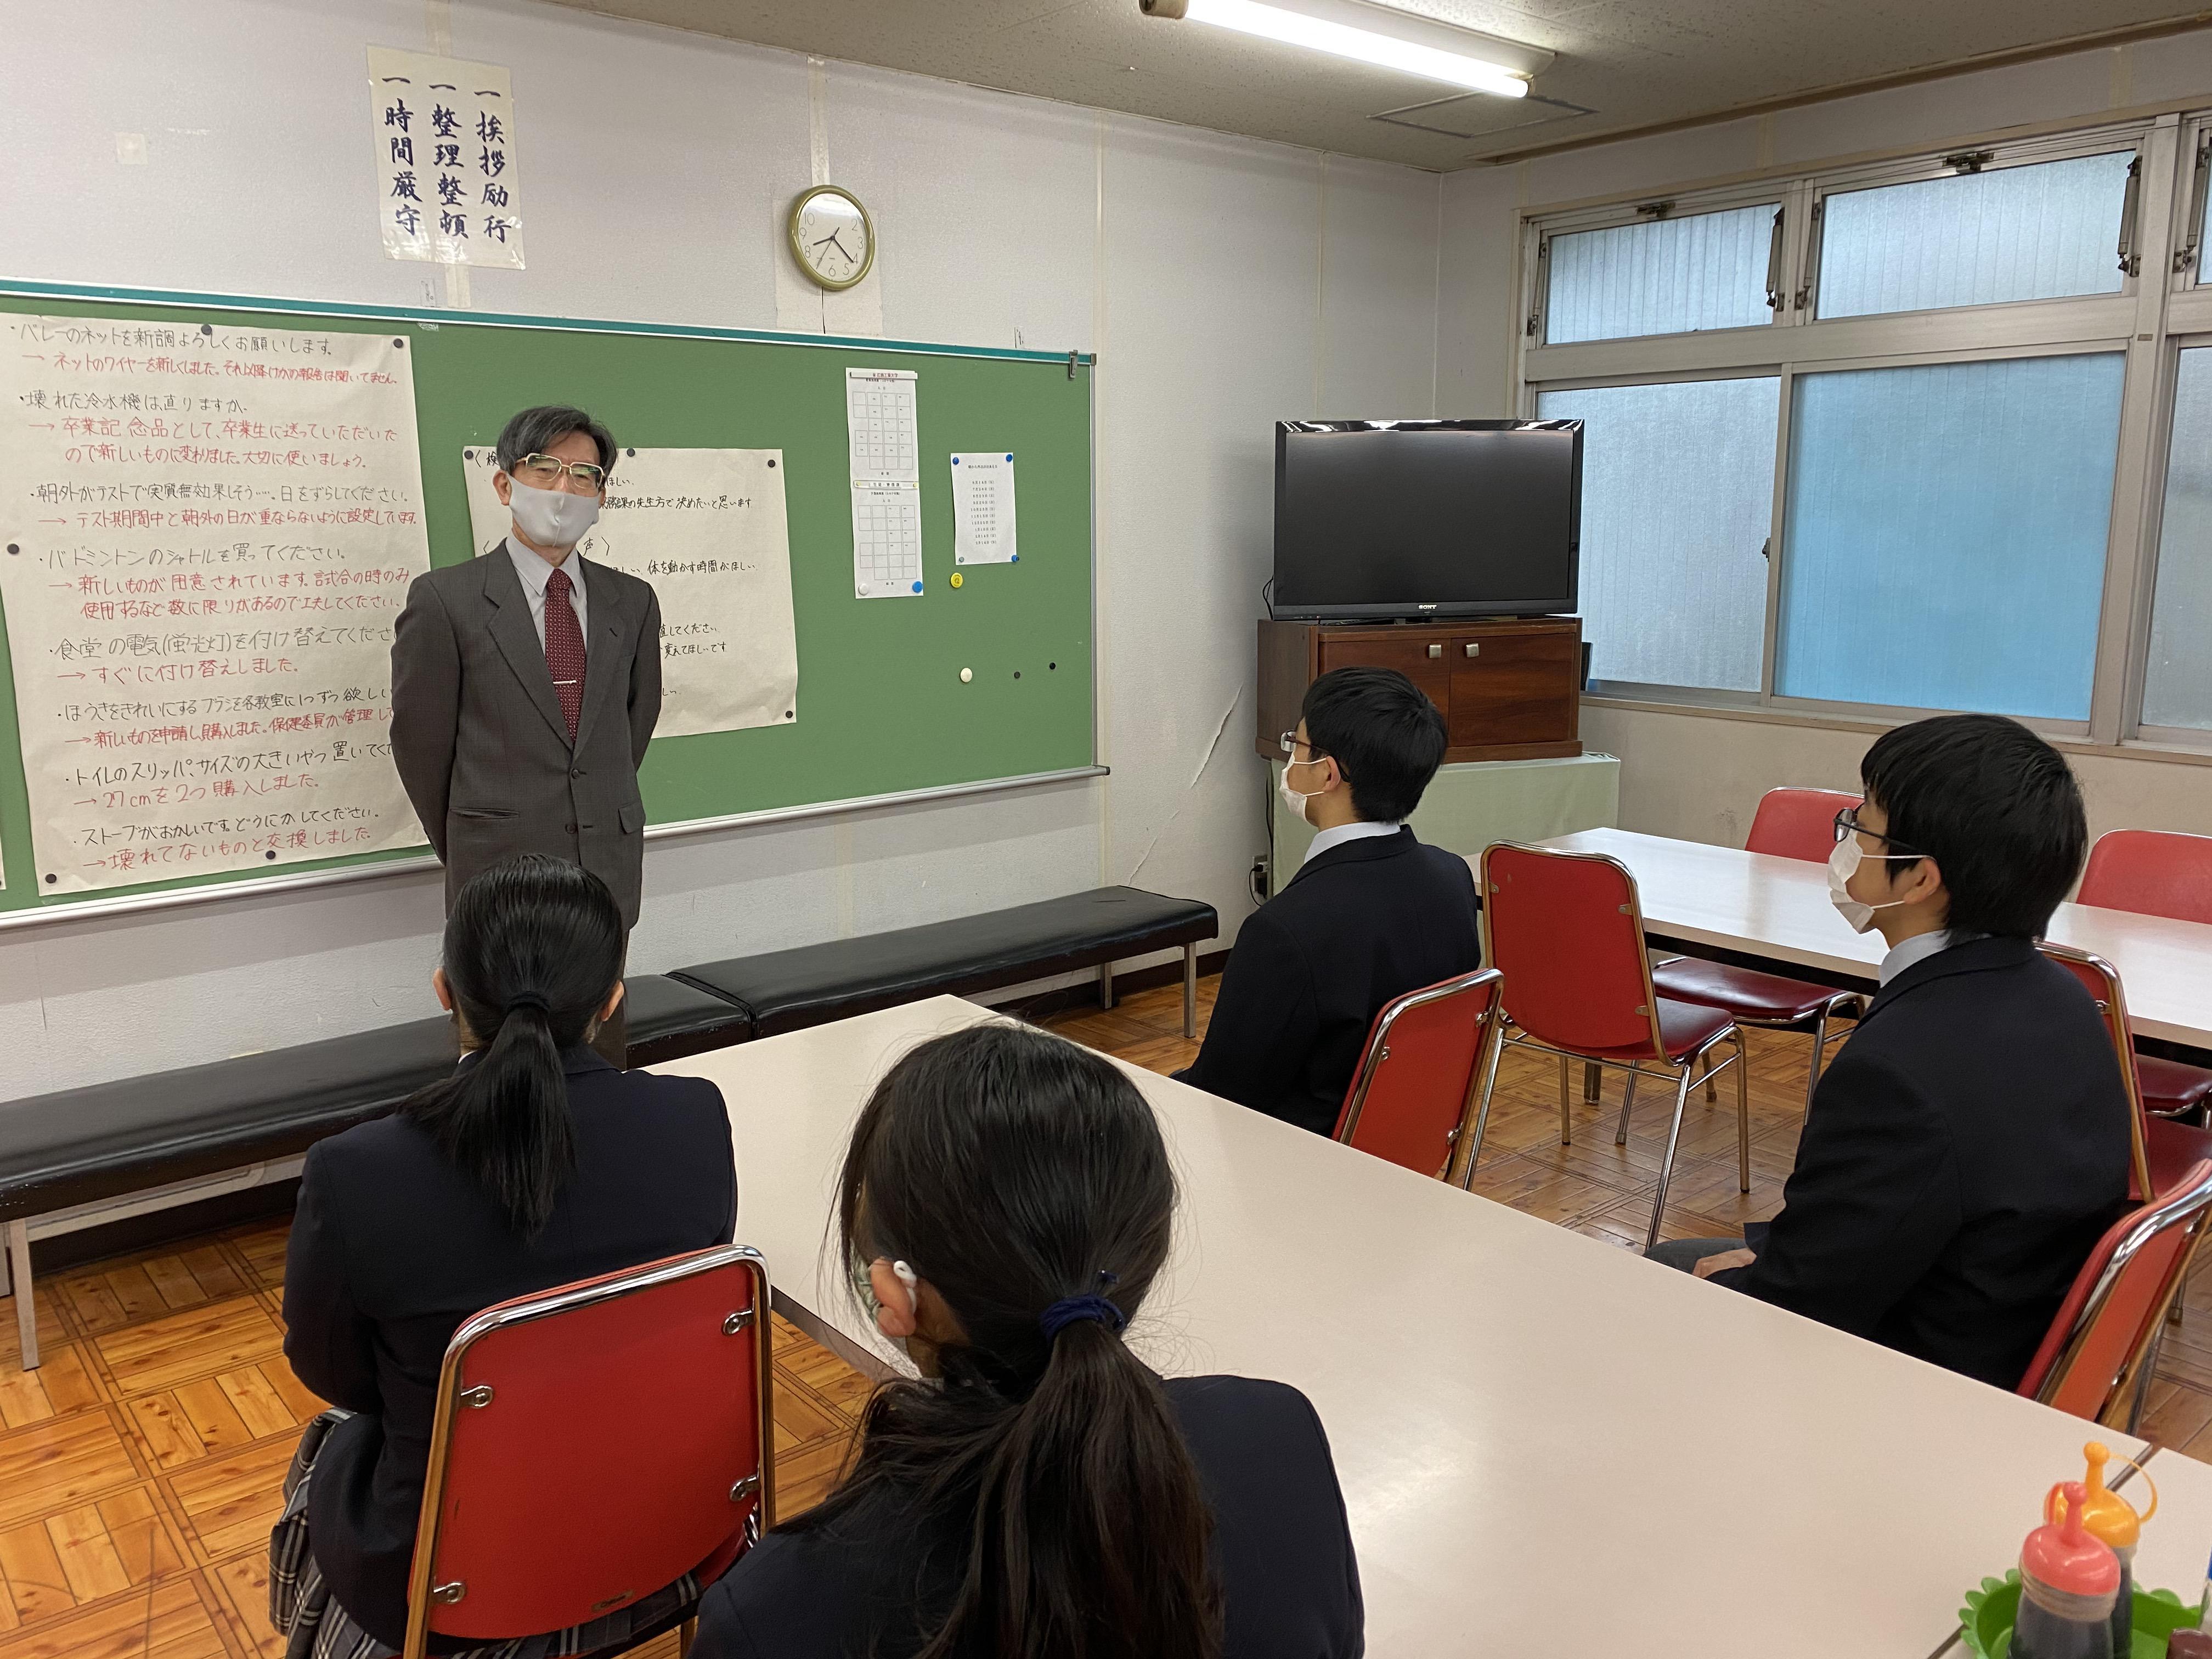 科学 大学 ホームページ 帝京